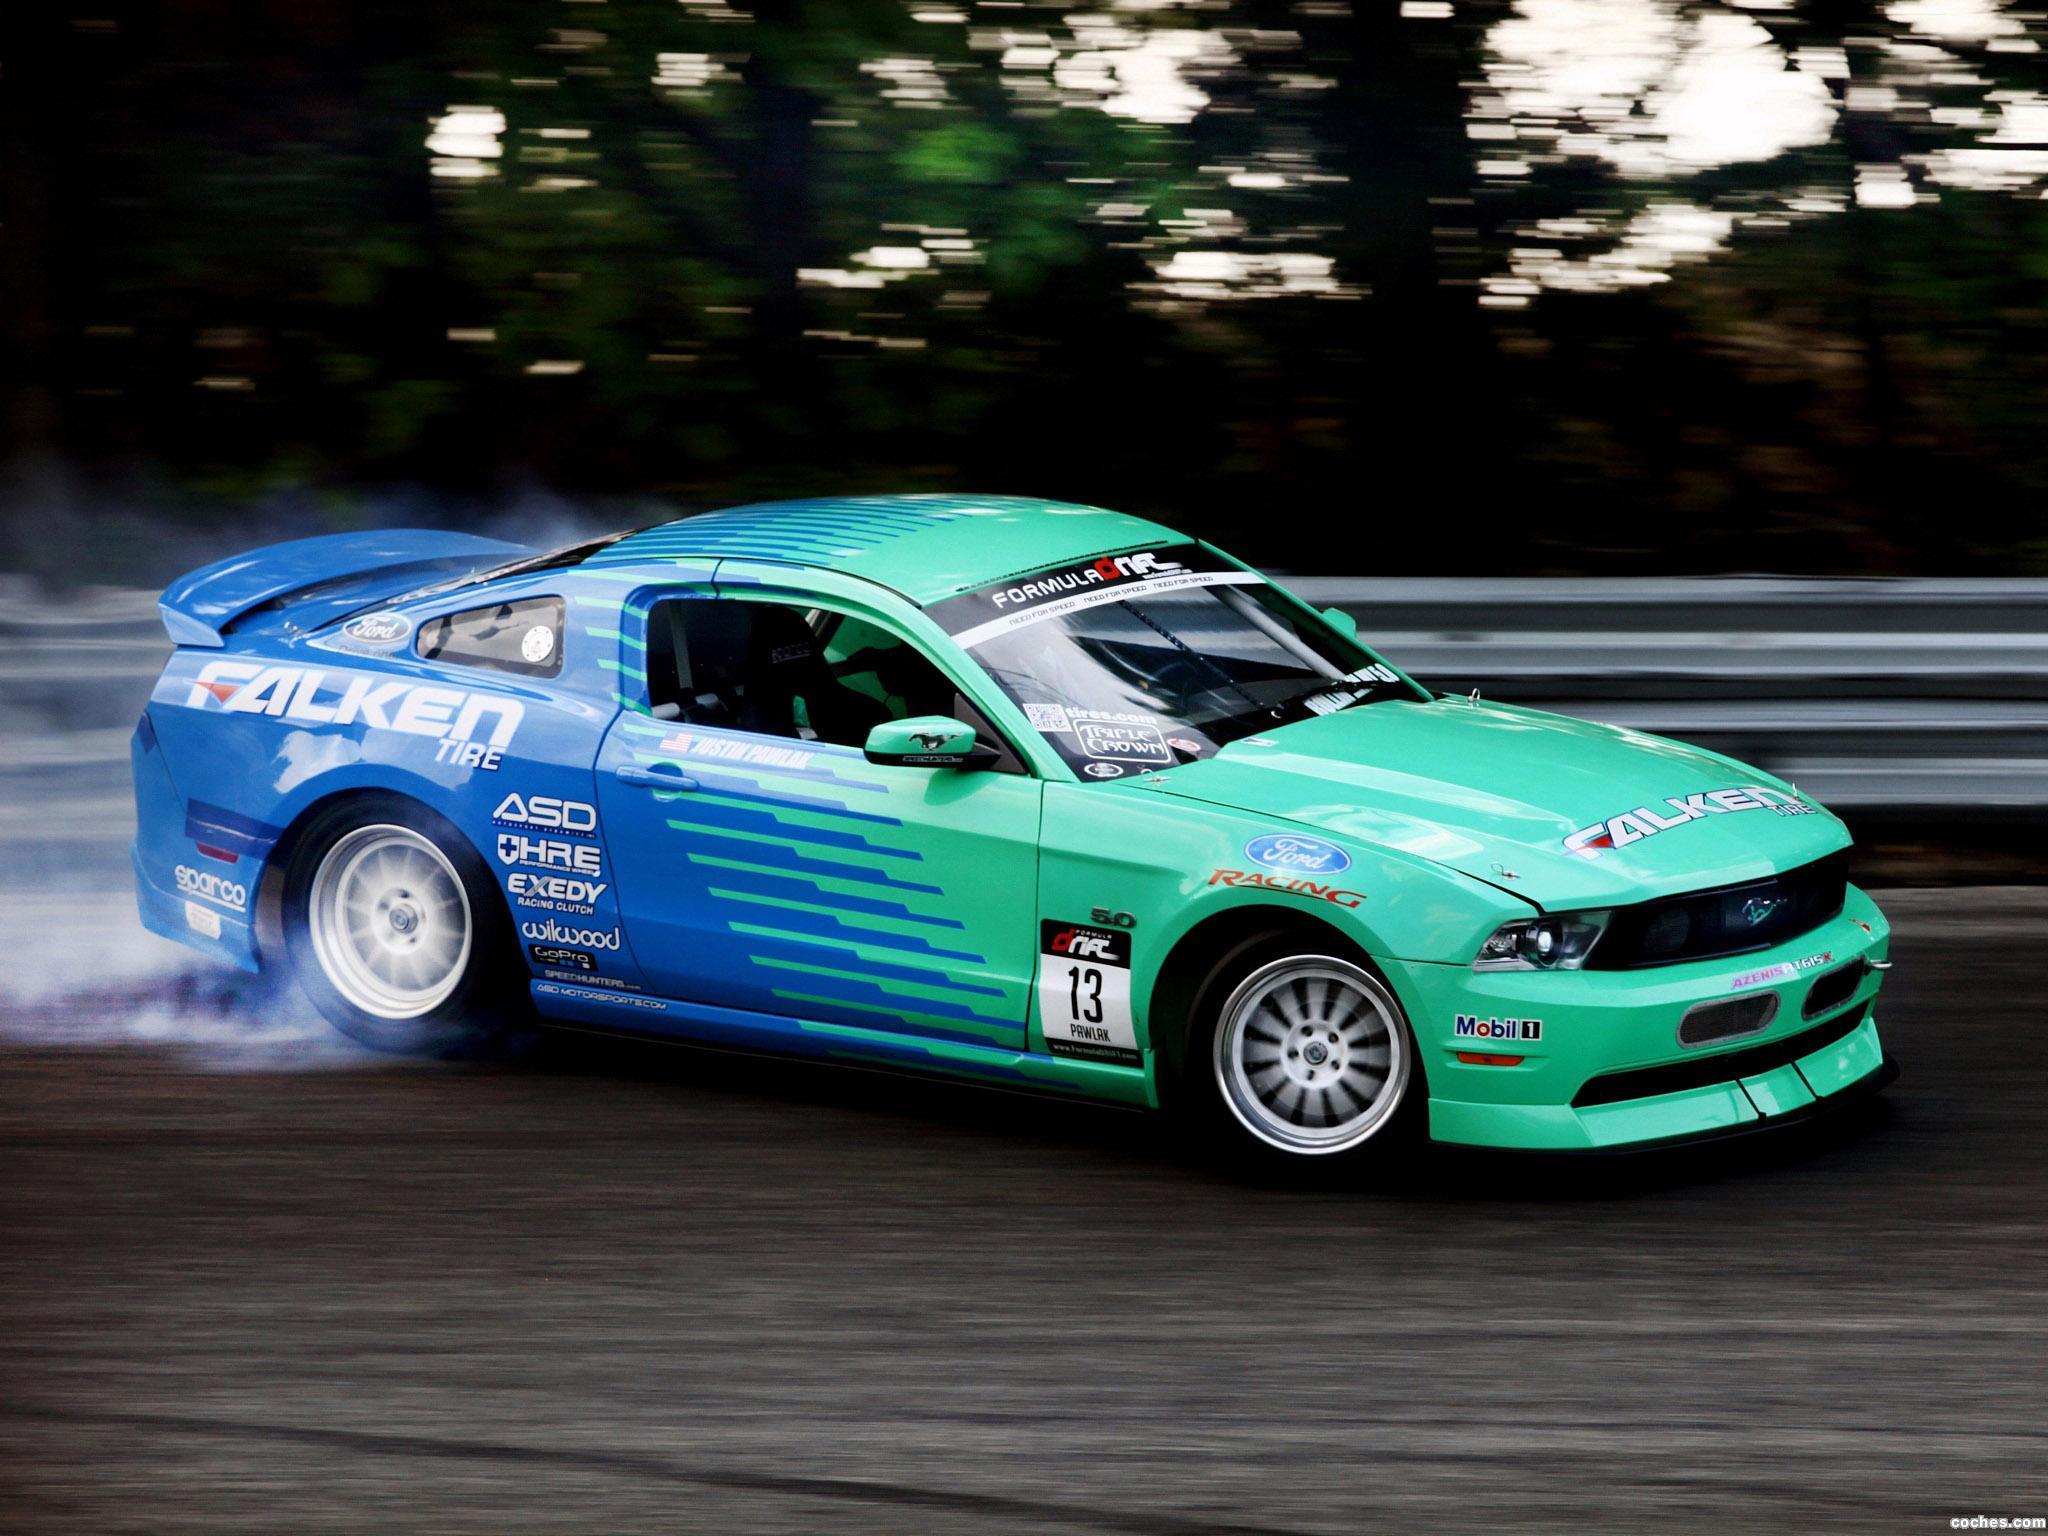 Foto 1 de Ford Mustang GT Formula Drift 2010